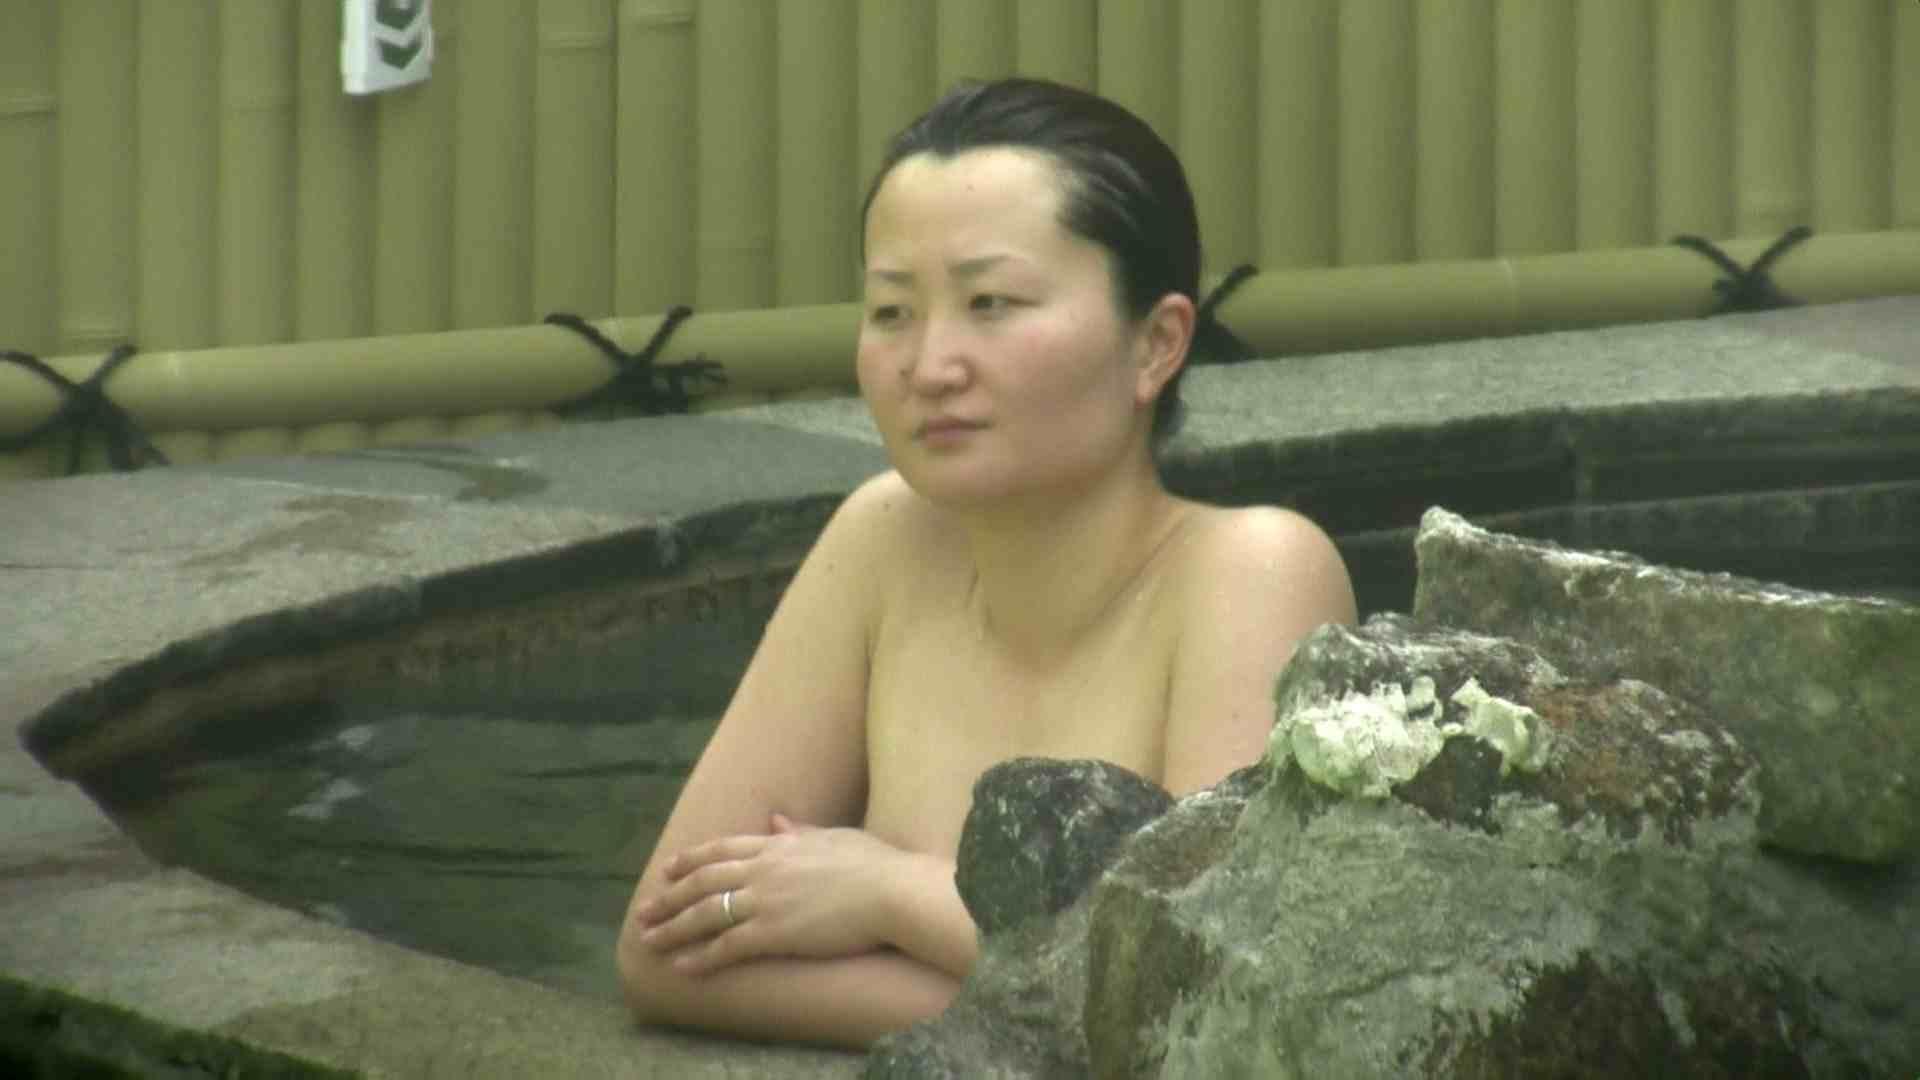 Aquaな露天風呂Vol.632 盗撮  70画像 6